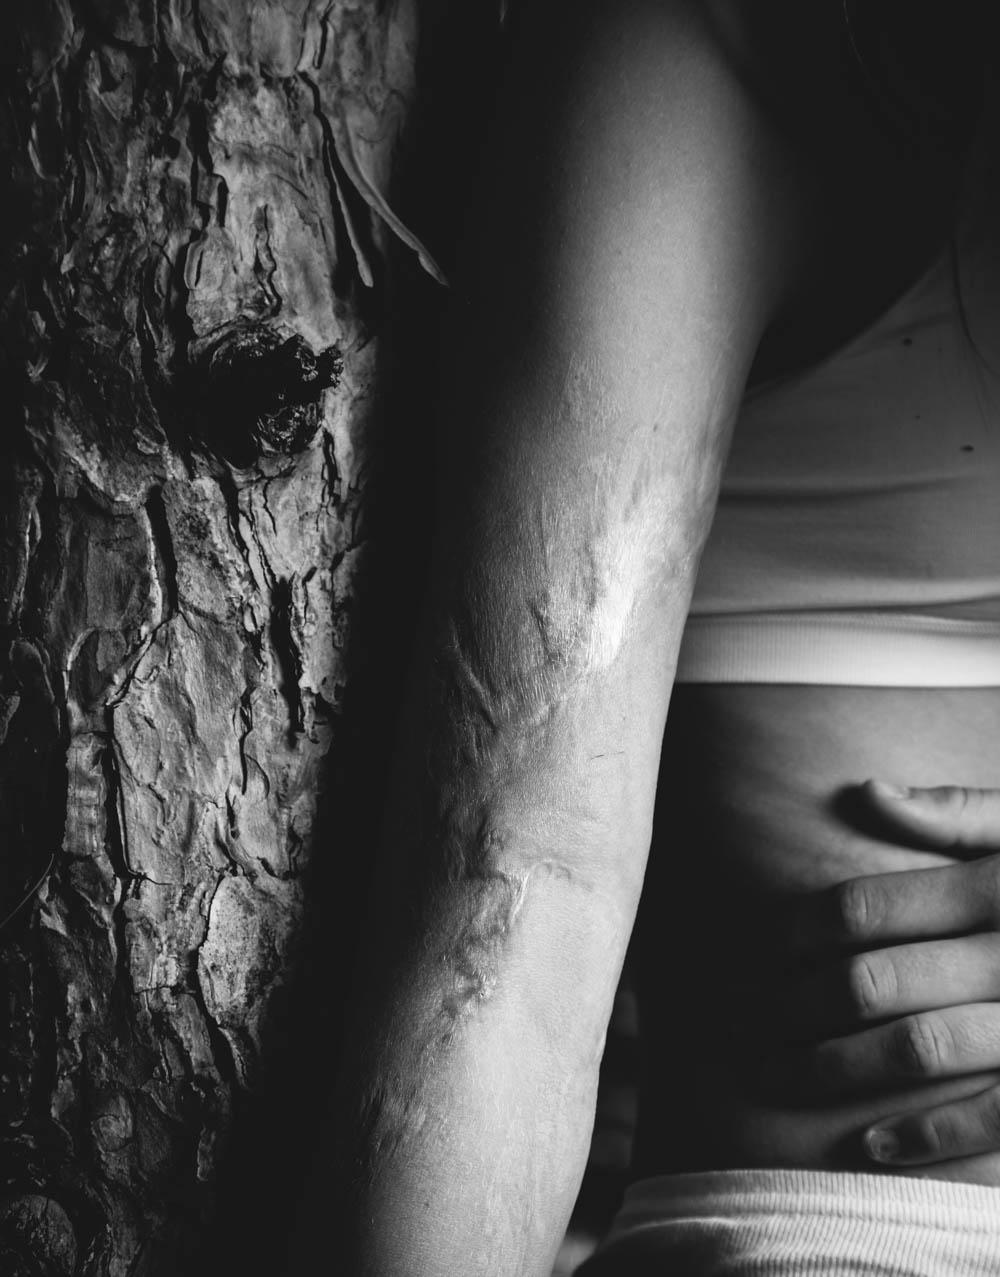 savonah-burn-scar-pine-tree-5299travis-dewitz